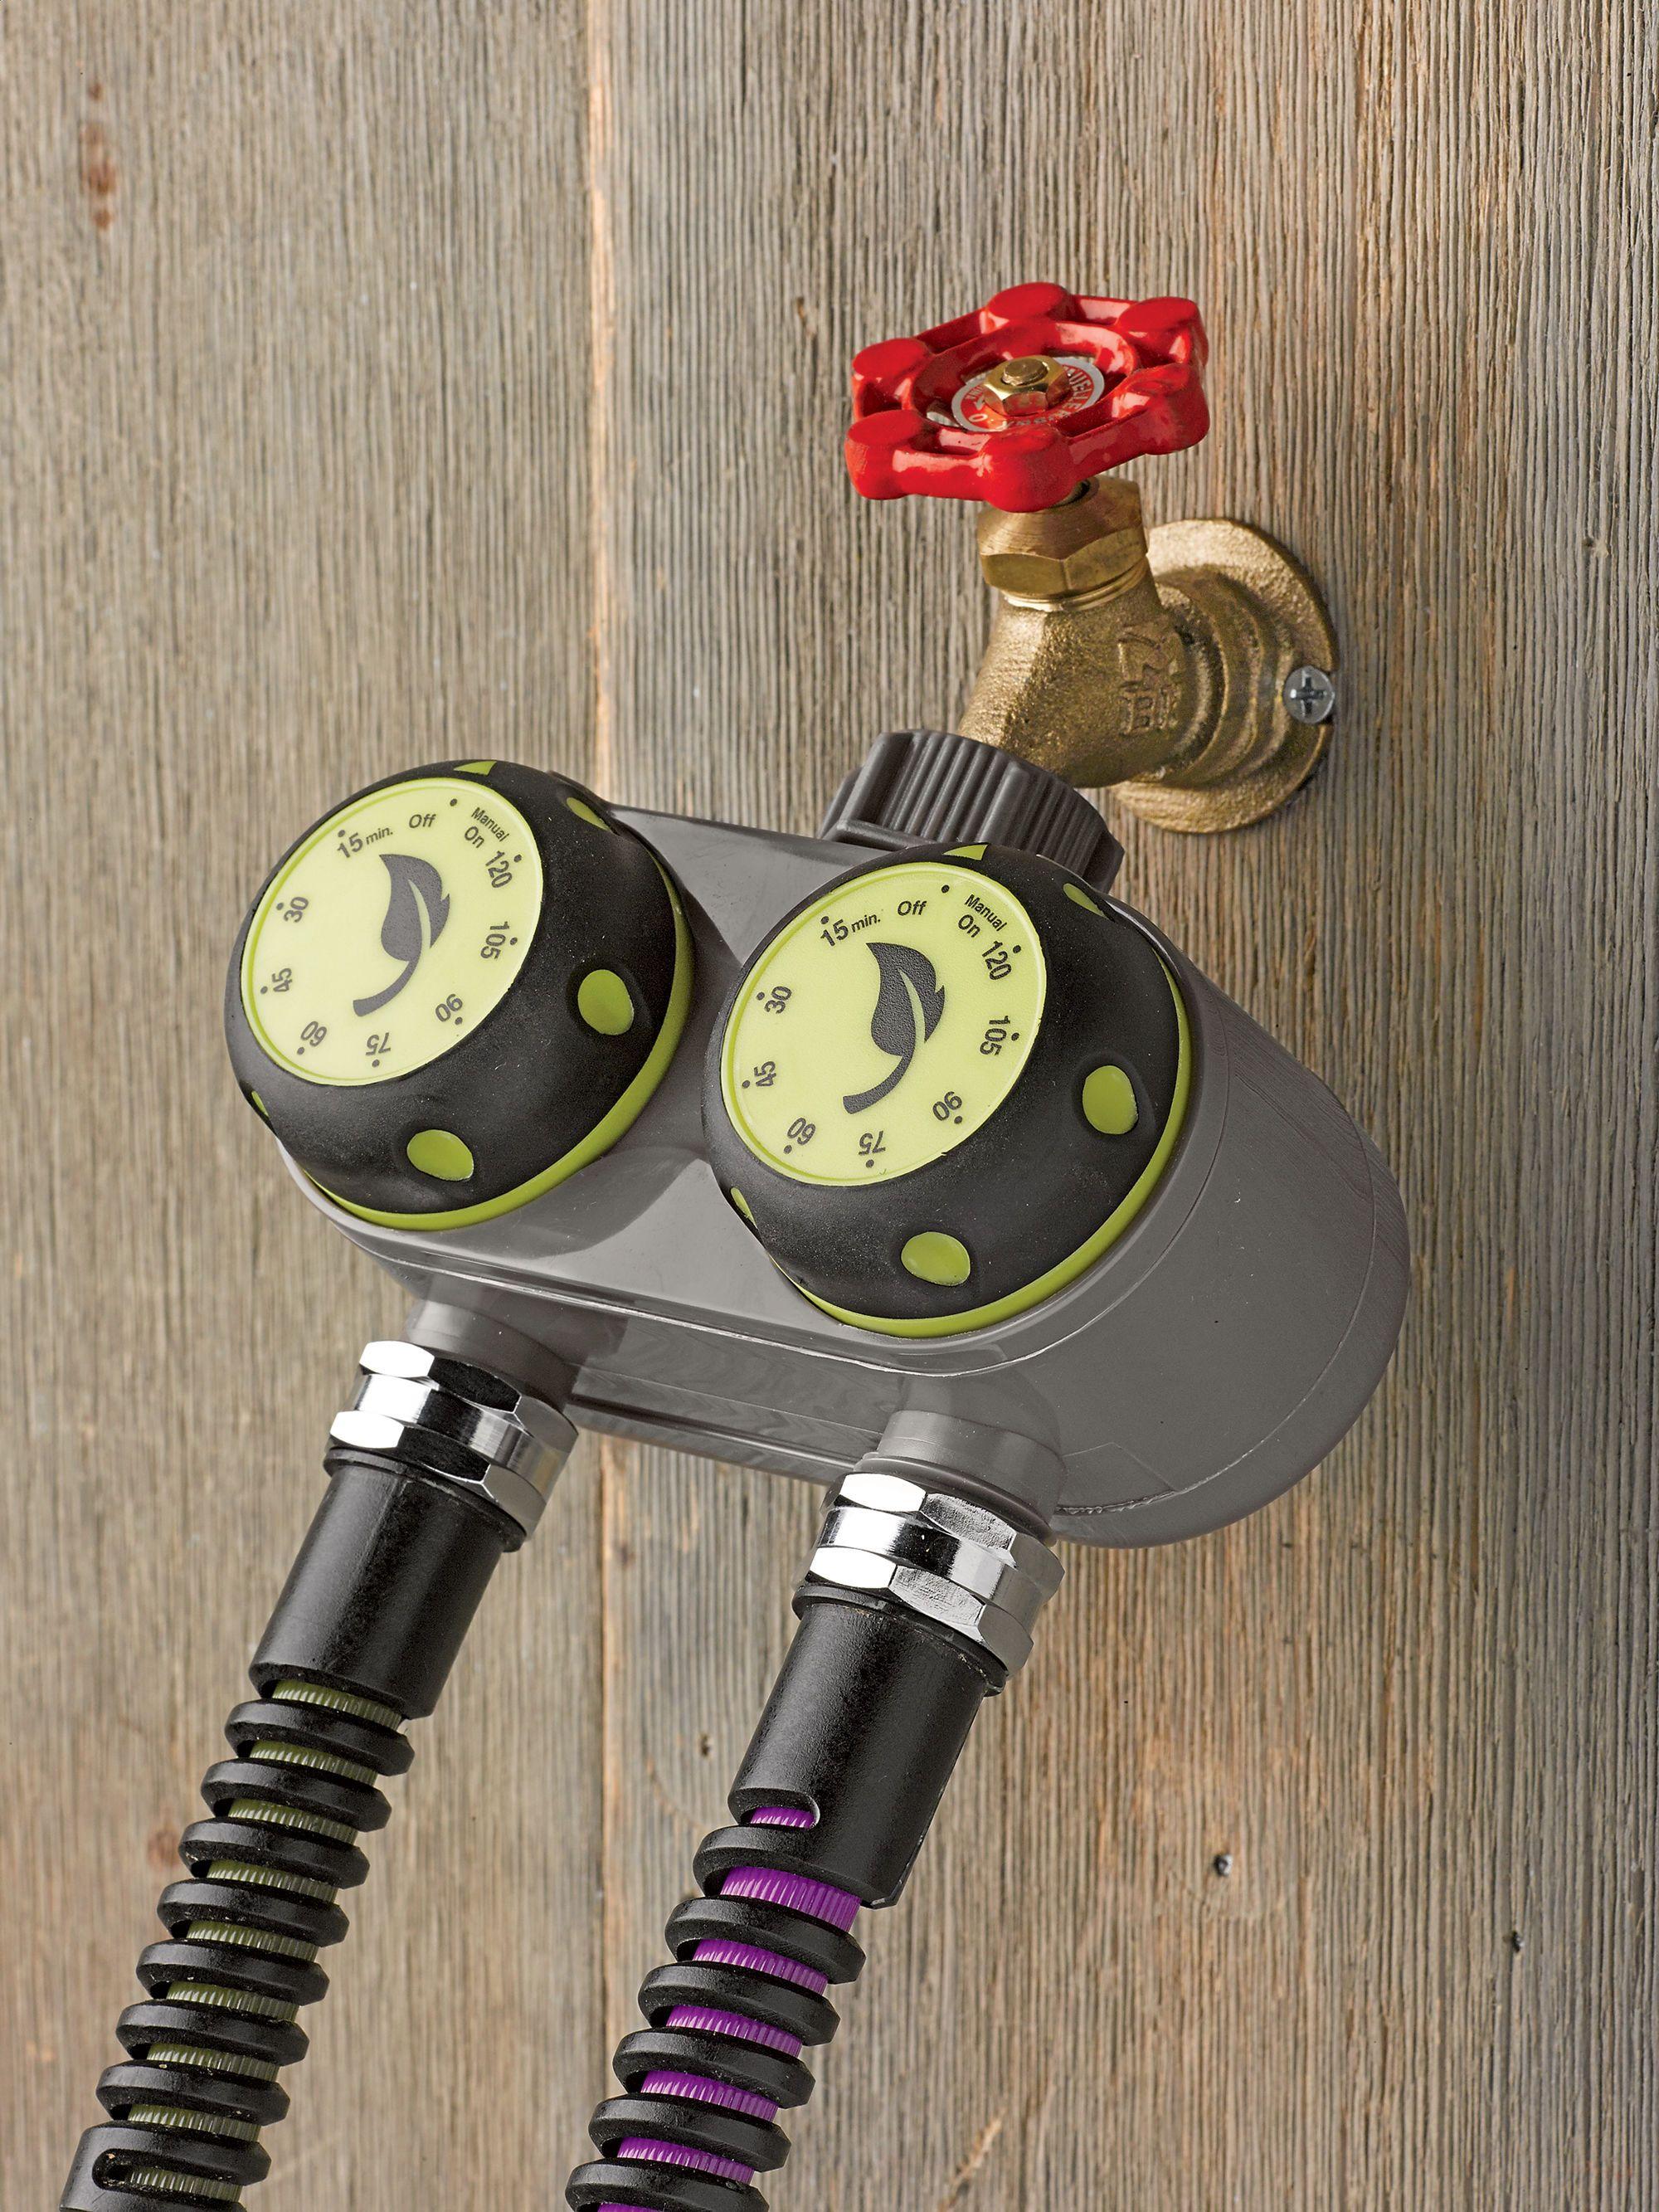 Snip n drip soaker hose watering system gardeners gardening snip n drip soaker hose watering system gardeners solutioingenieria Gallery